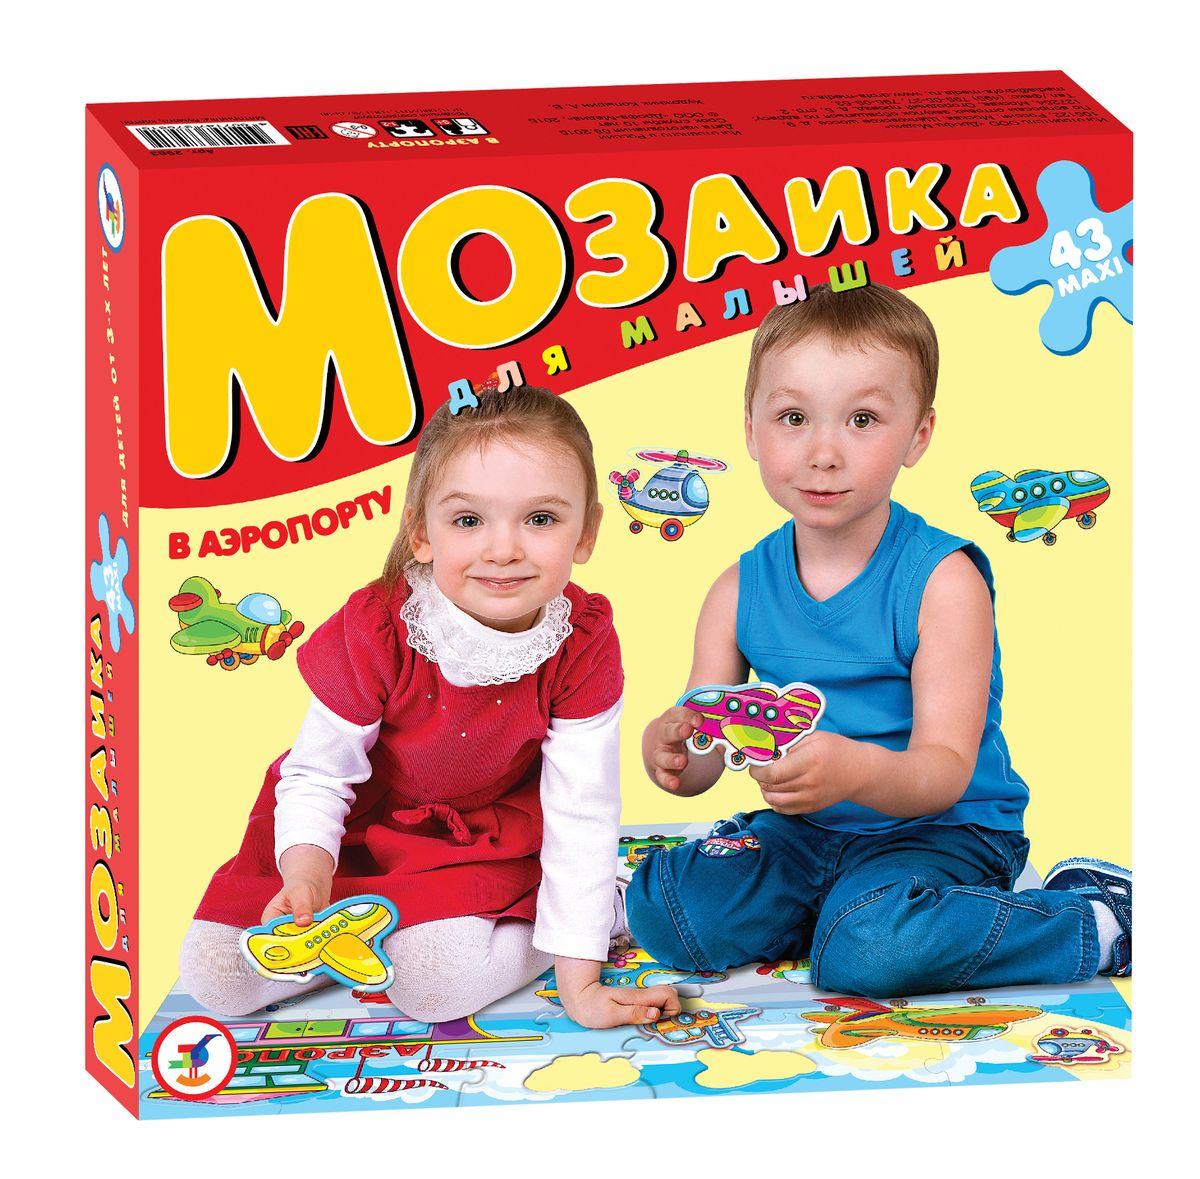 Дрофа-Медиа Пазл для малышей В аэропорту дрофа медиа пазл для малышей ассоциации времена года